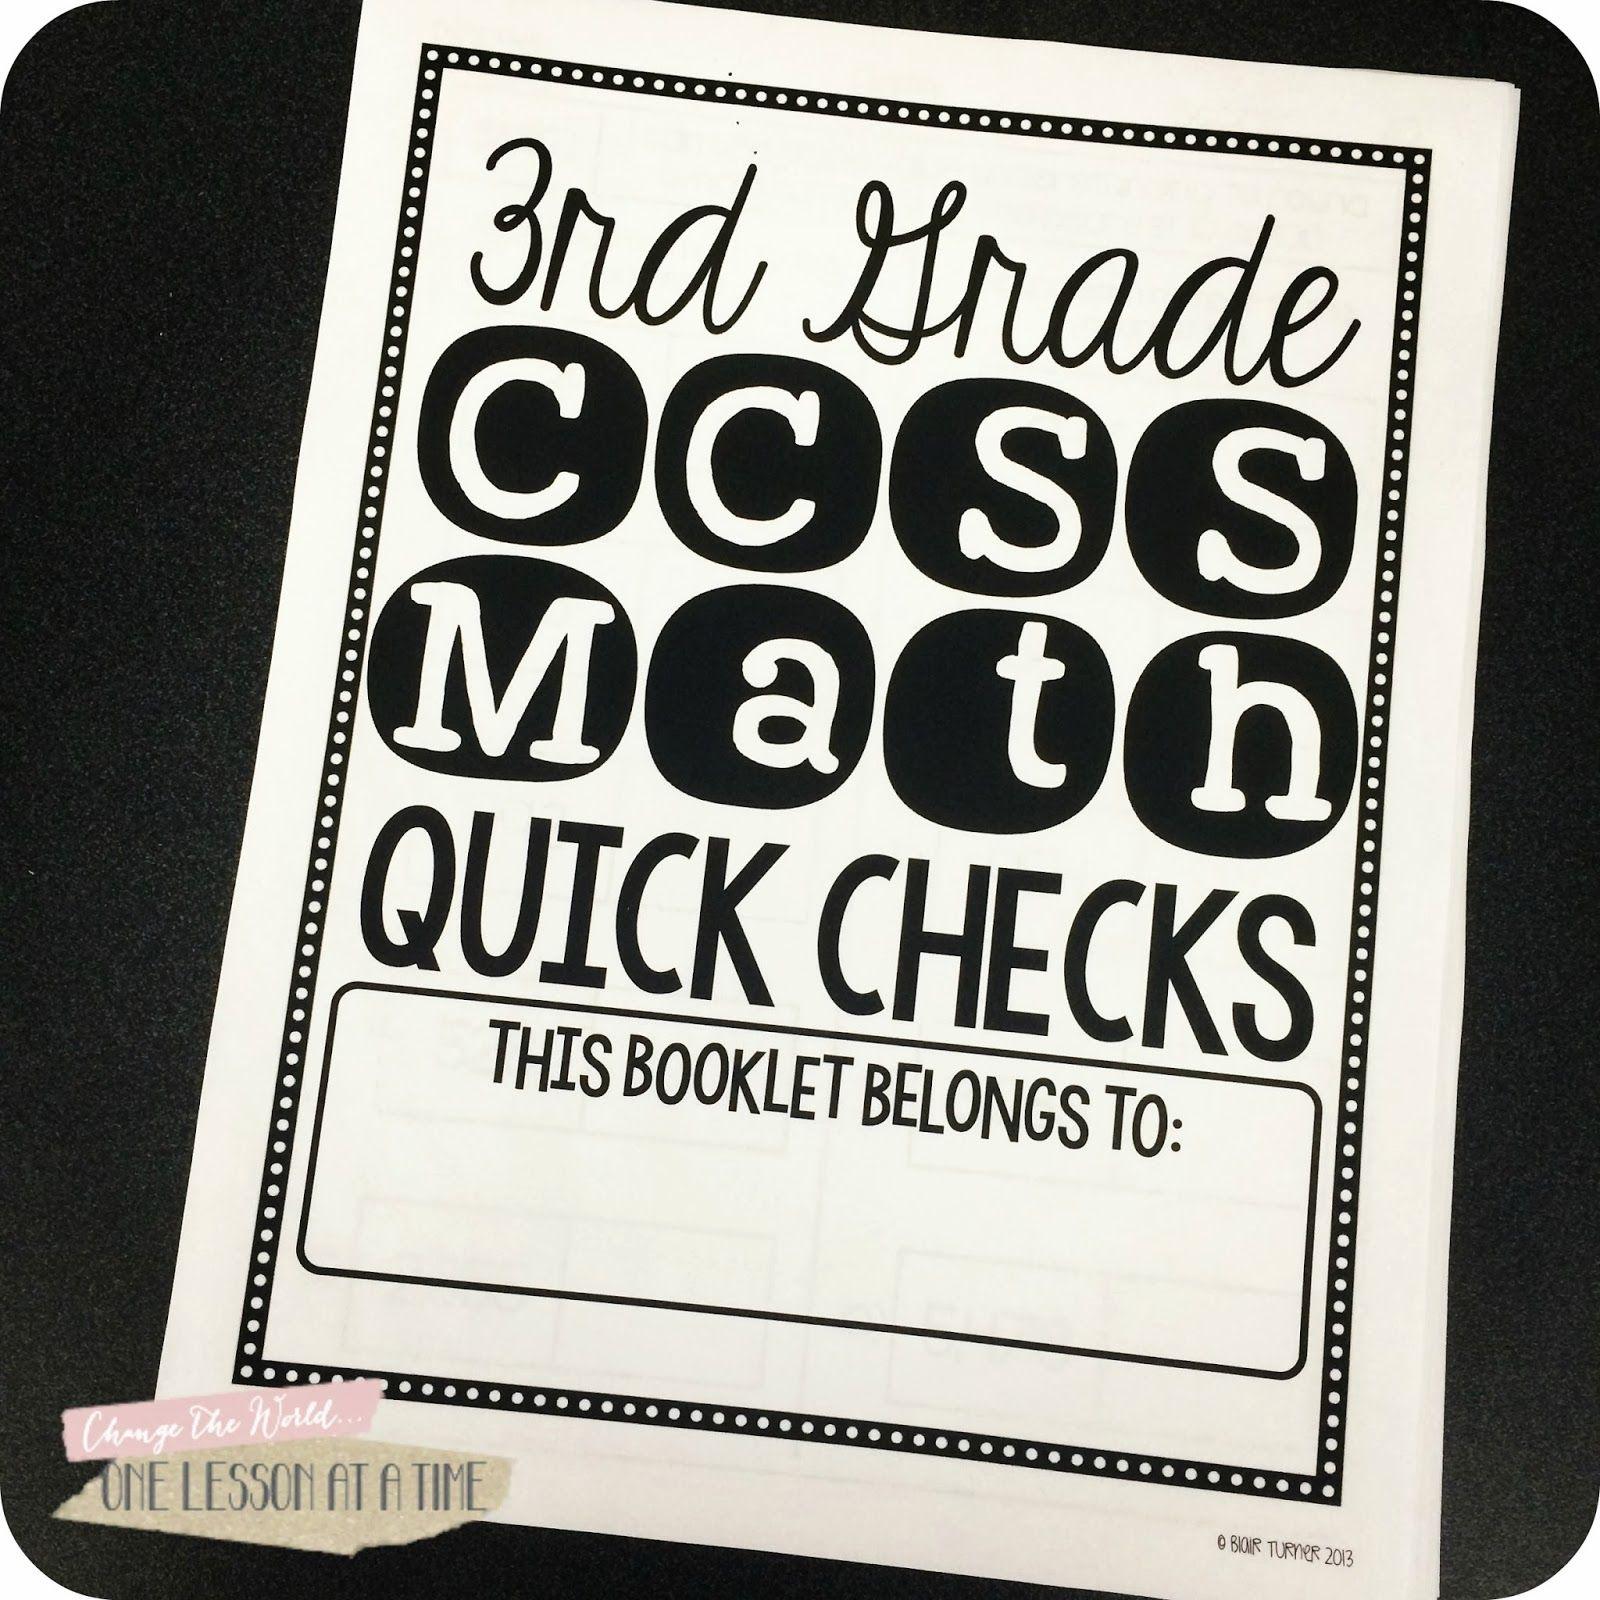 Quick Checks 3rd Grade Ccss Math Assessment And Data